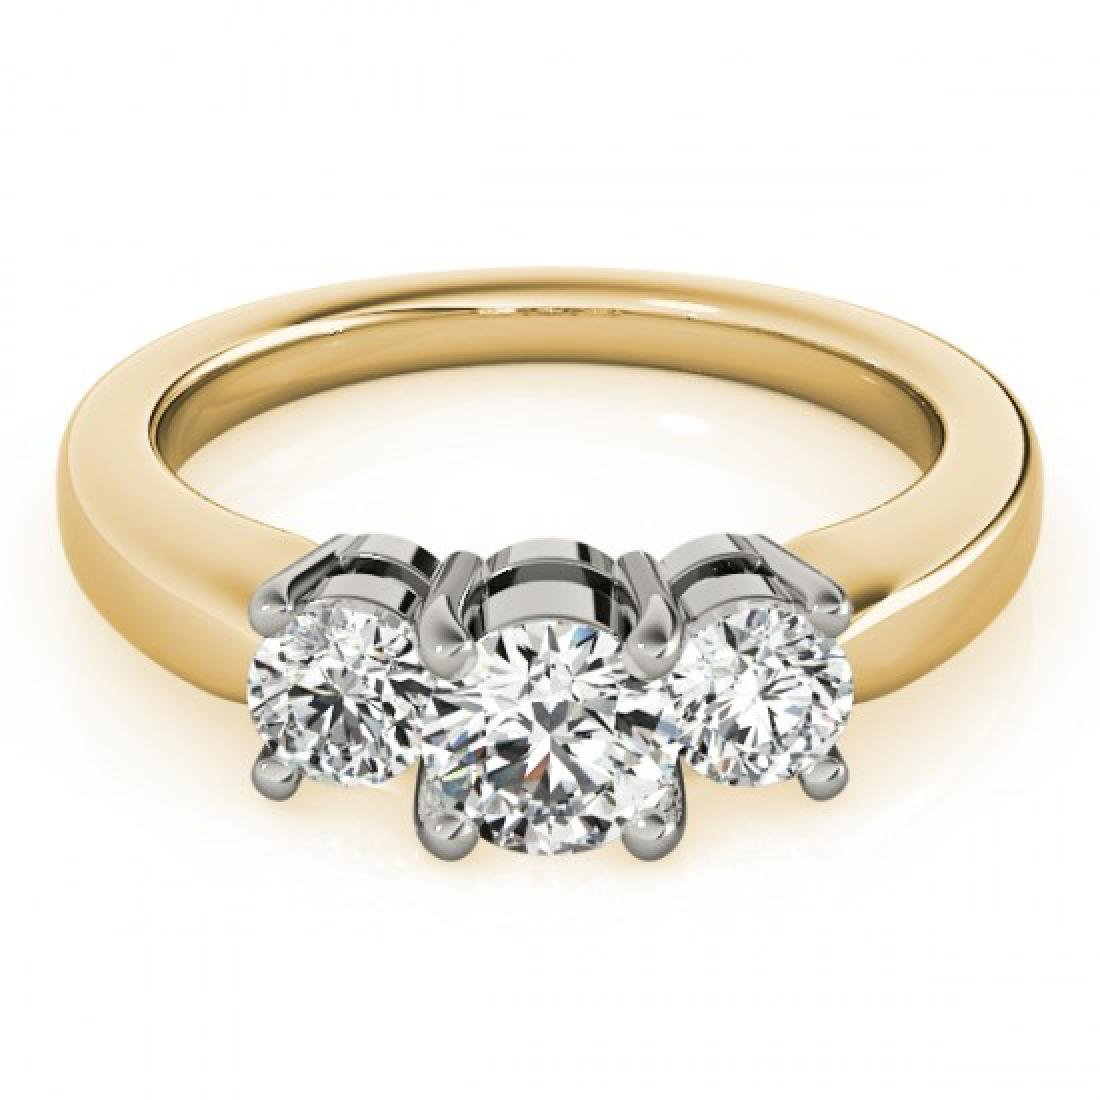 1.45 CTW Certified VS/SI Diamond 3 Stone Ring 14K